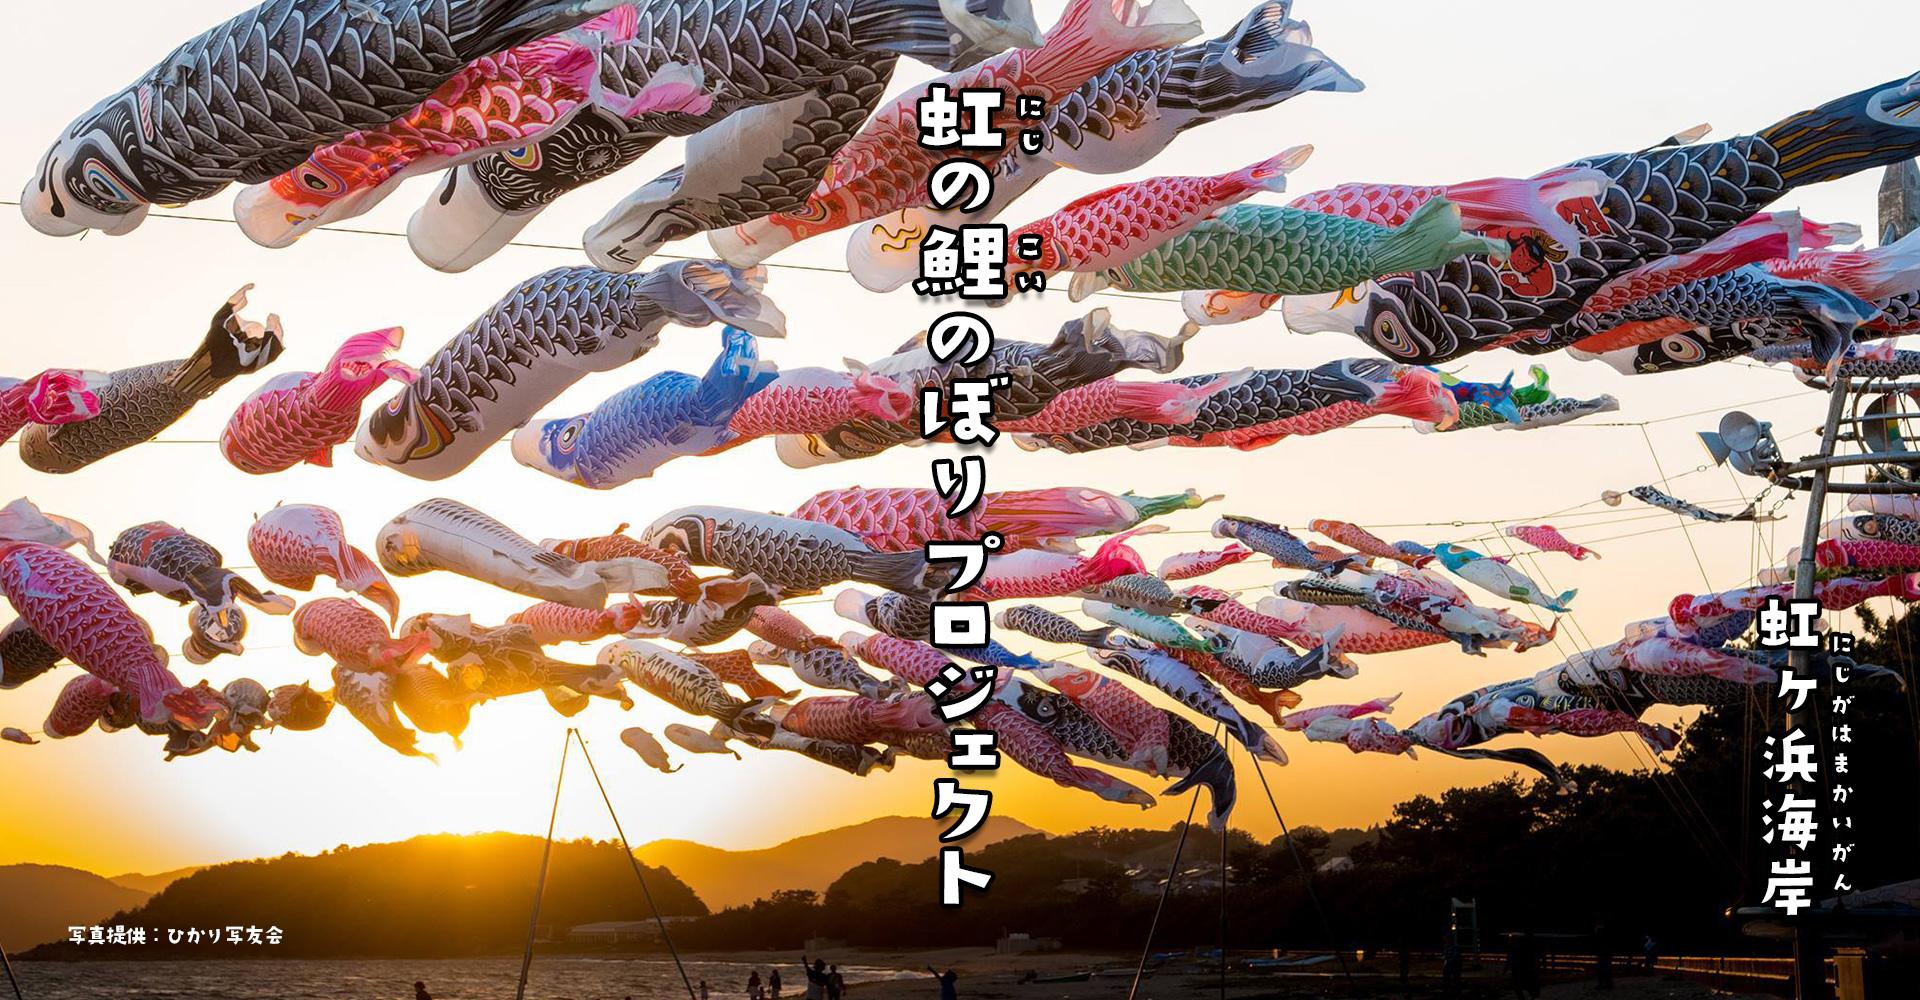 虹の鯉のぼりプロジェクト